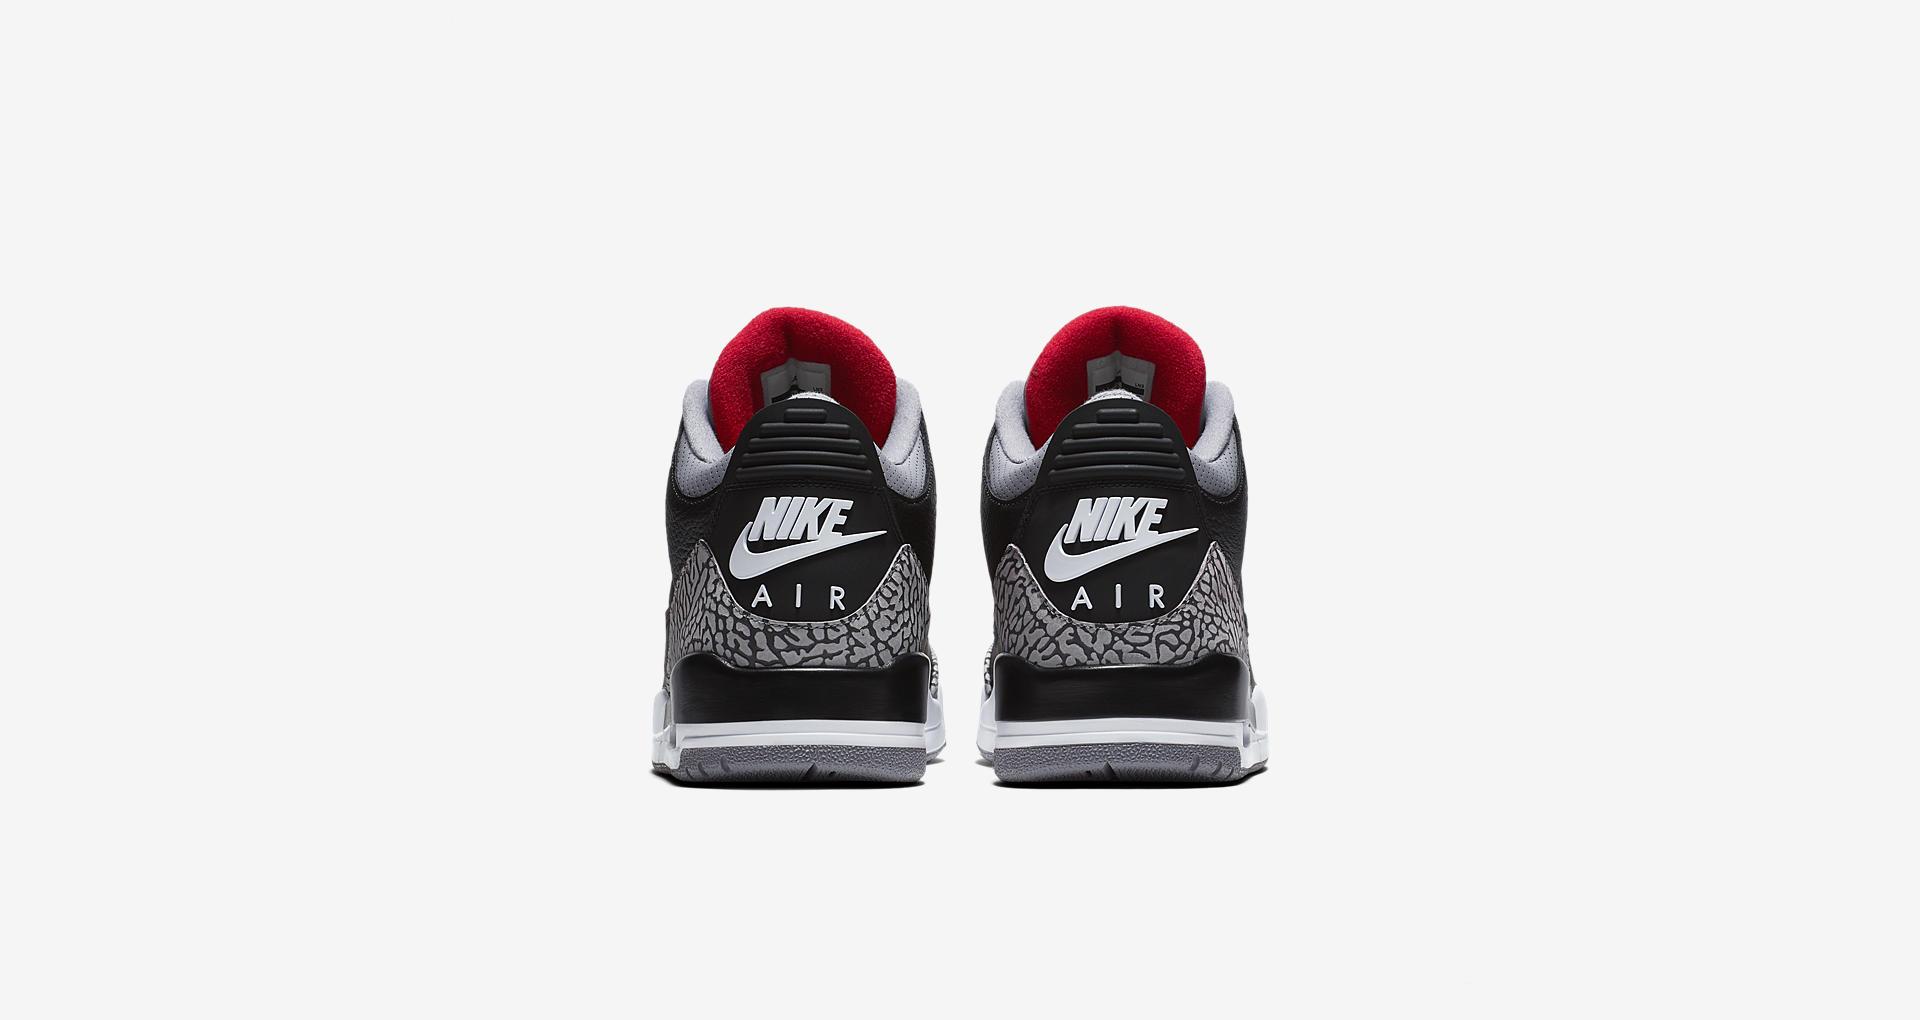 854262-001,AJ3,Air Jordan 3 854262-001 AJ3 黑水泥 Air Jordan 3 中国区发售信息正式公布